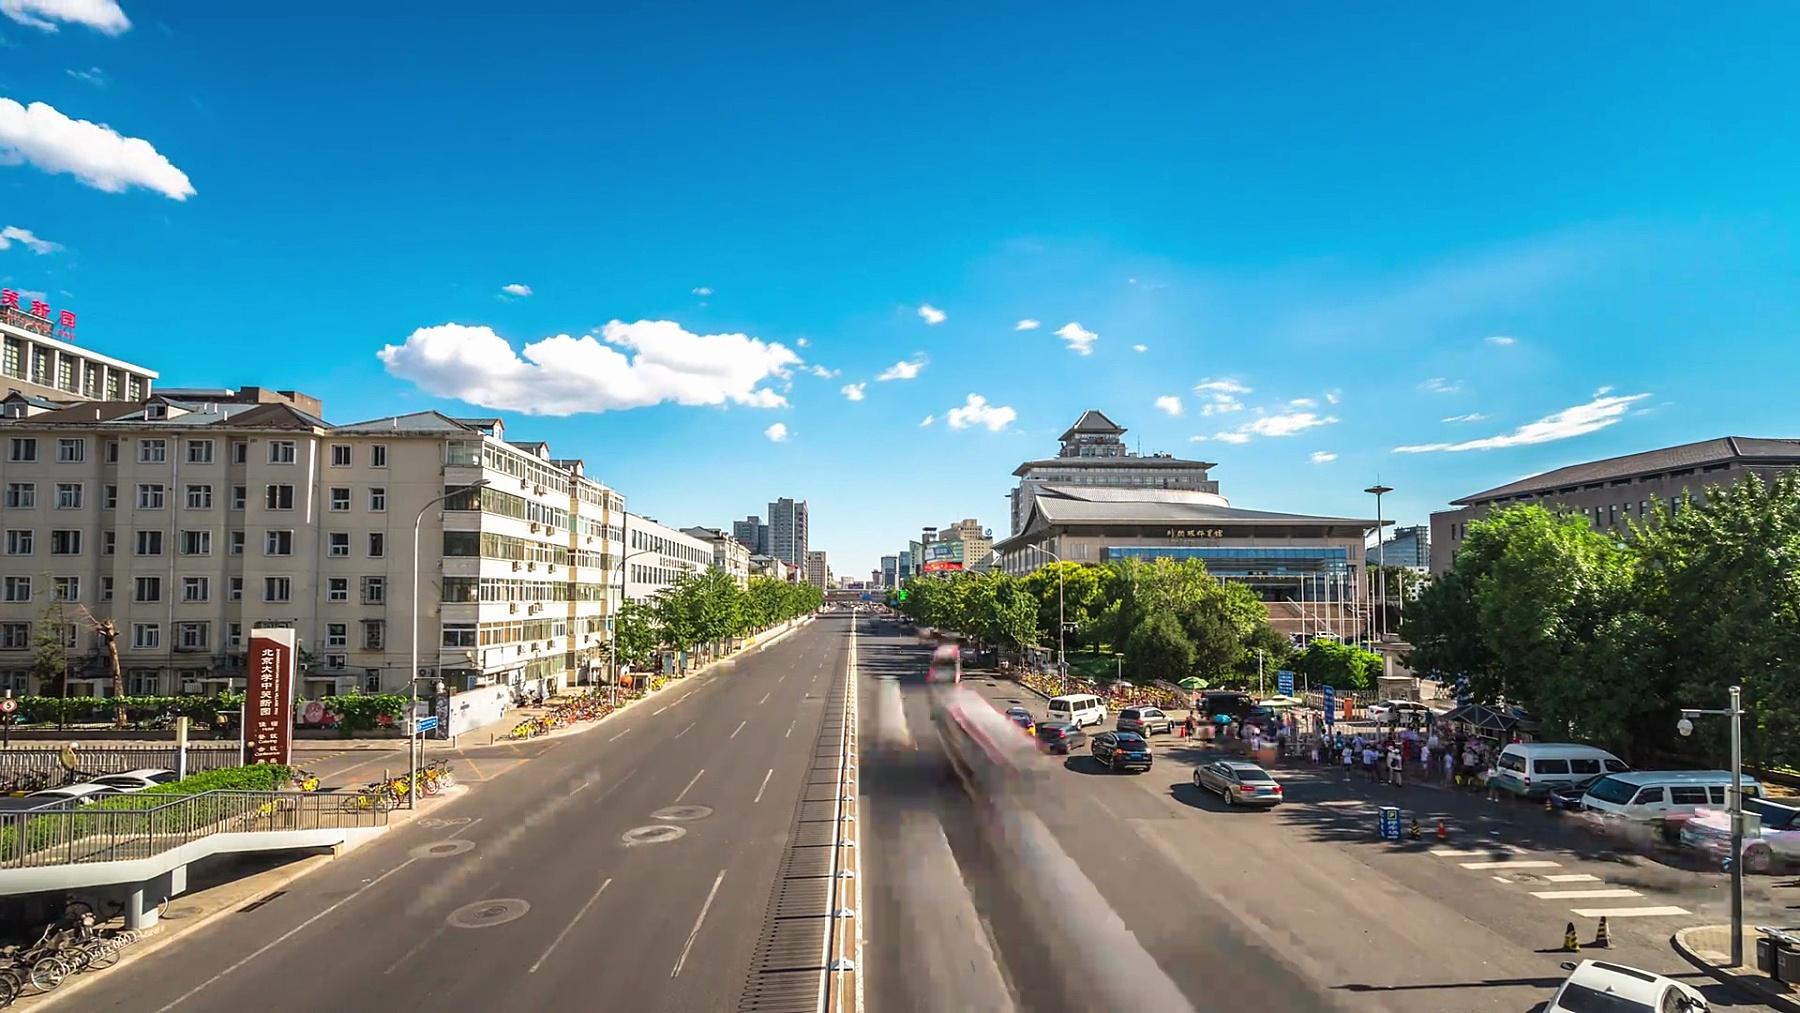 繁忙的道路与现代城市中心区的现代建筑延时摄影